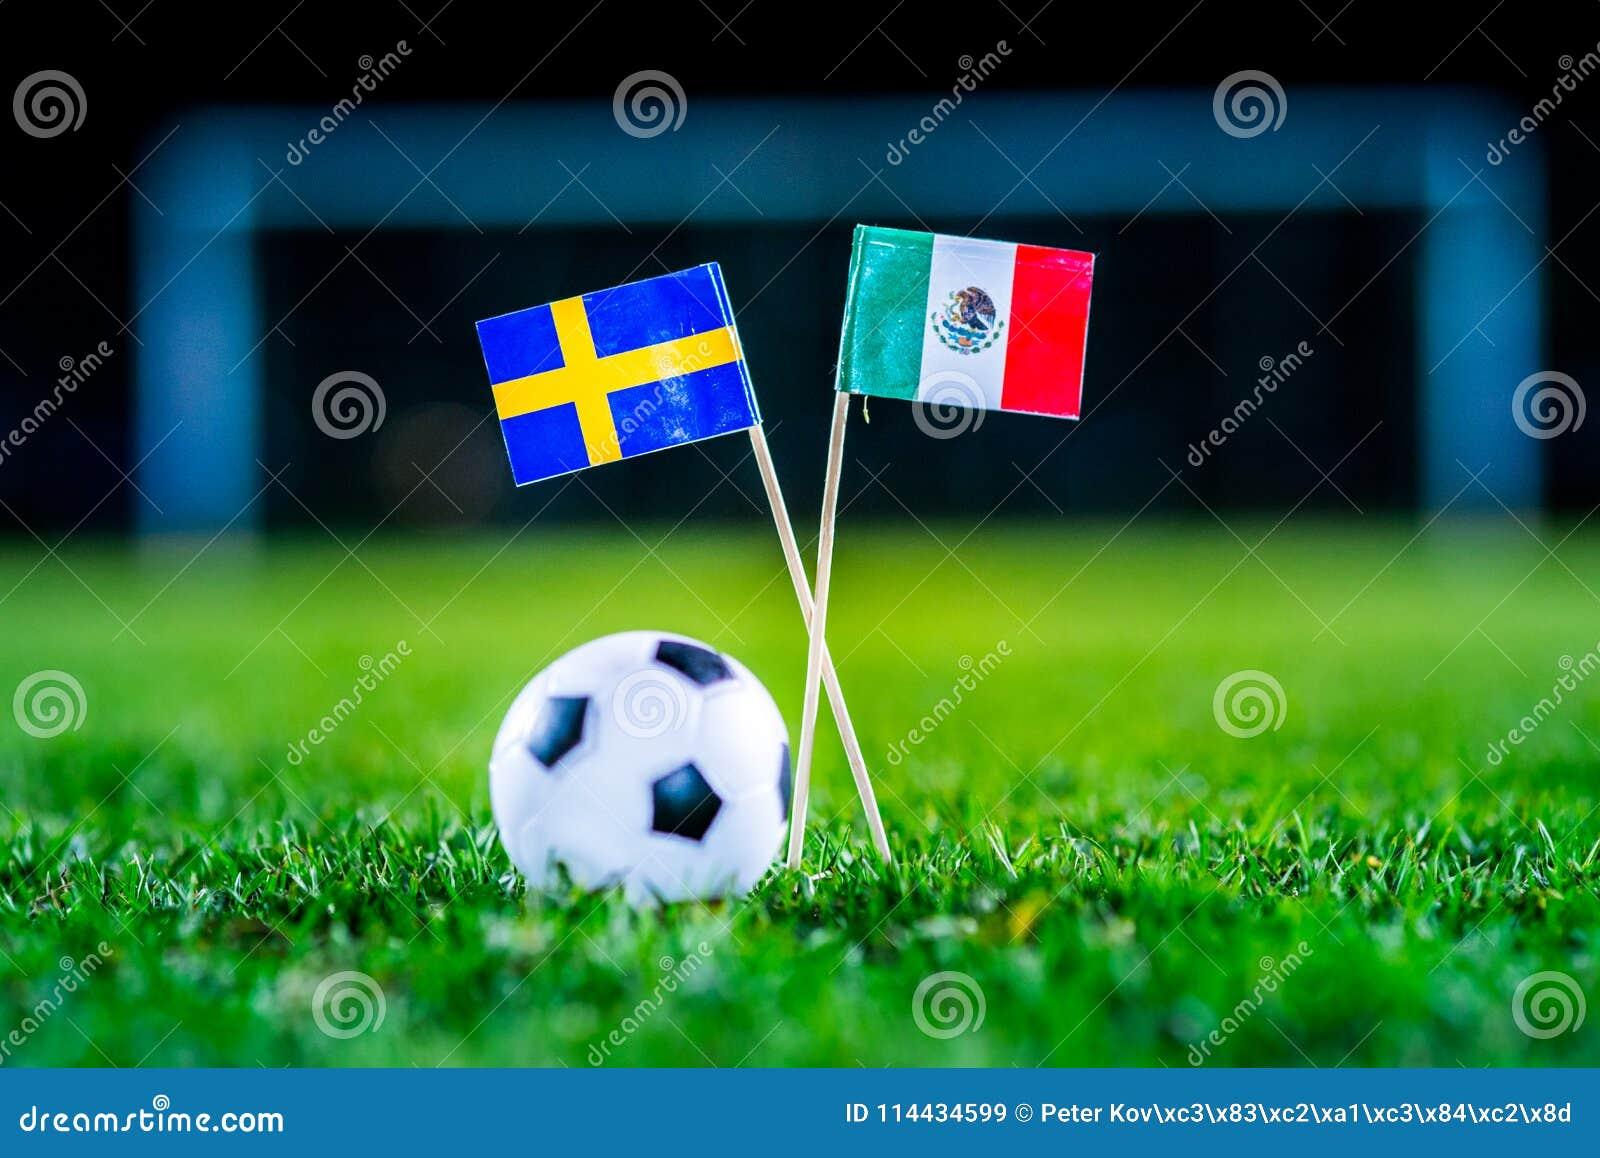 墨西哥-瑞典,小组F,星期三,27 世界杯6月,橄榄球,俄罗斯2018年,在绿草,白色橄榄球bal的国旗